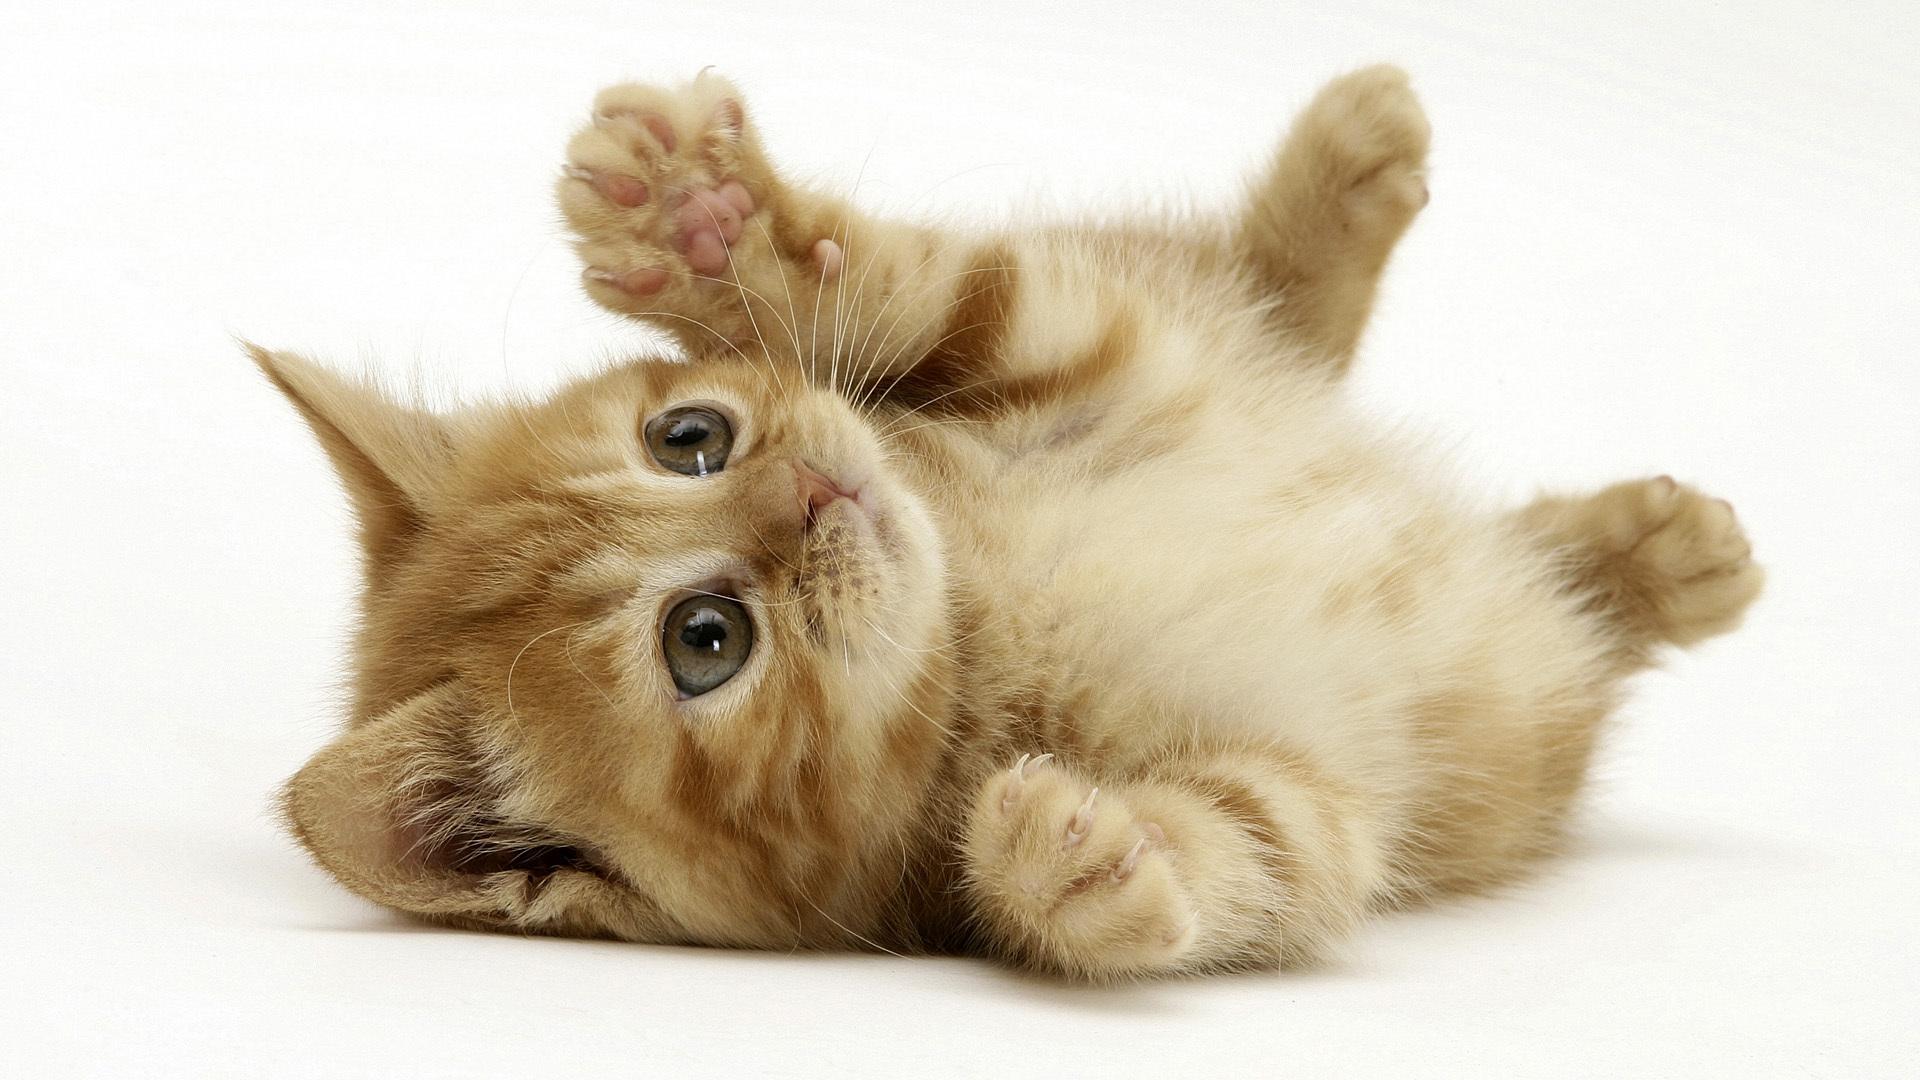 بالصور اجمل صور قطط , صور قطط كيوت 3764 8